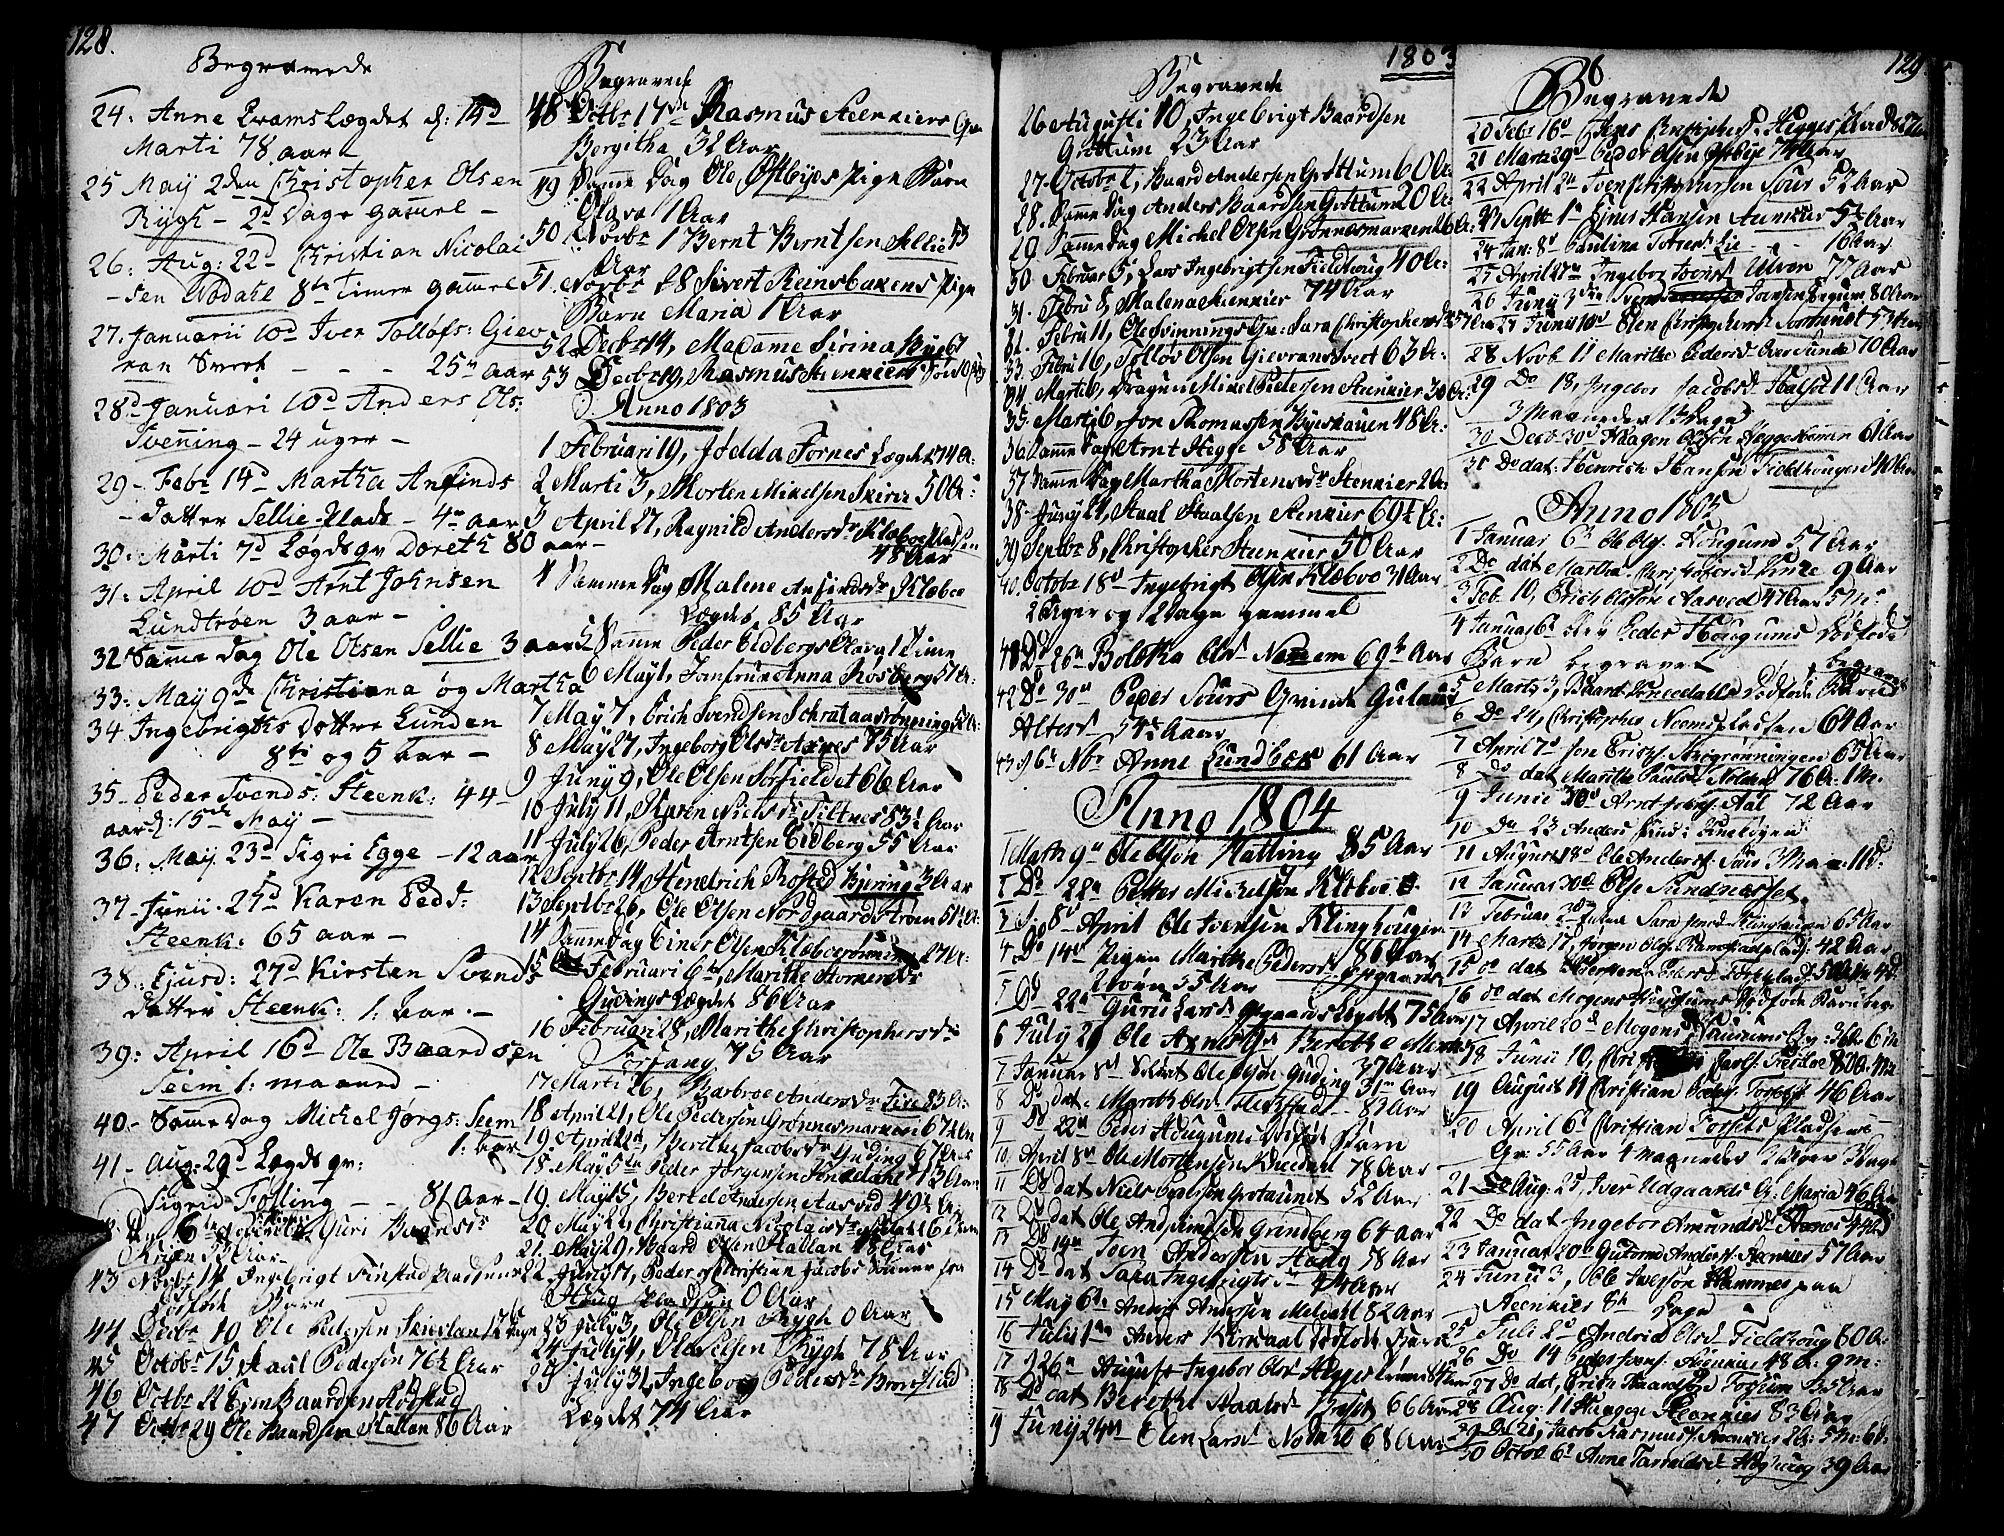 SAT, Ministerialprotokoller, klokkerbøker og fødselsregistre - Nord-Trøndelag, 746/L0440: Ministerialbok nr. 746A02, 1760-1815, s. 128-129